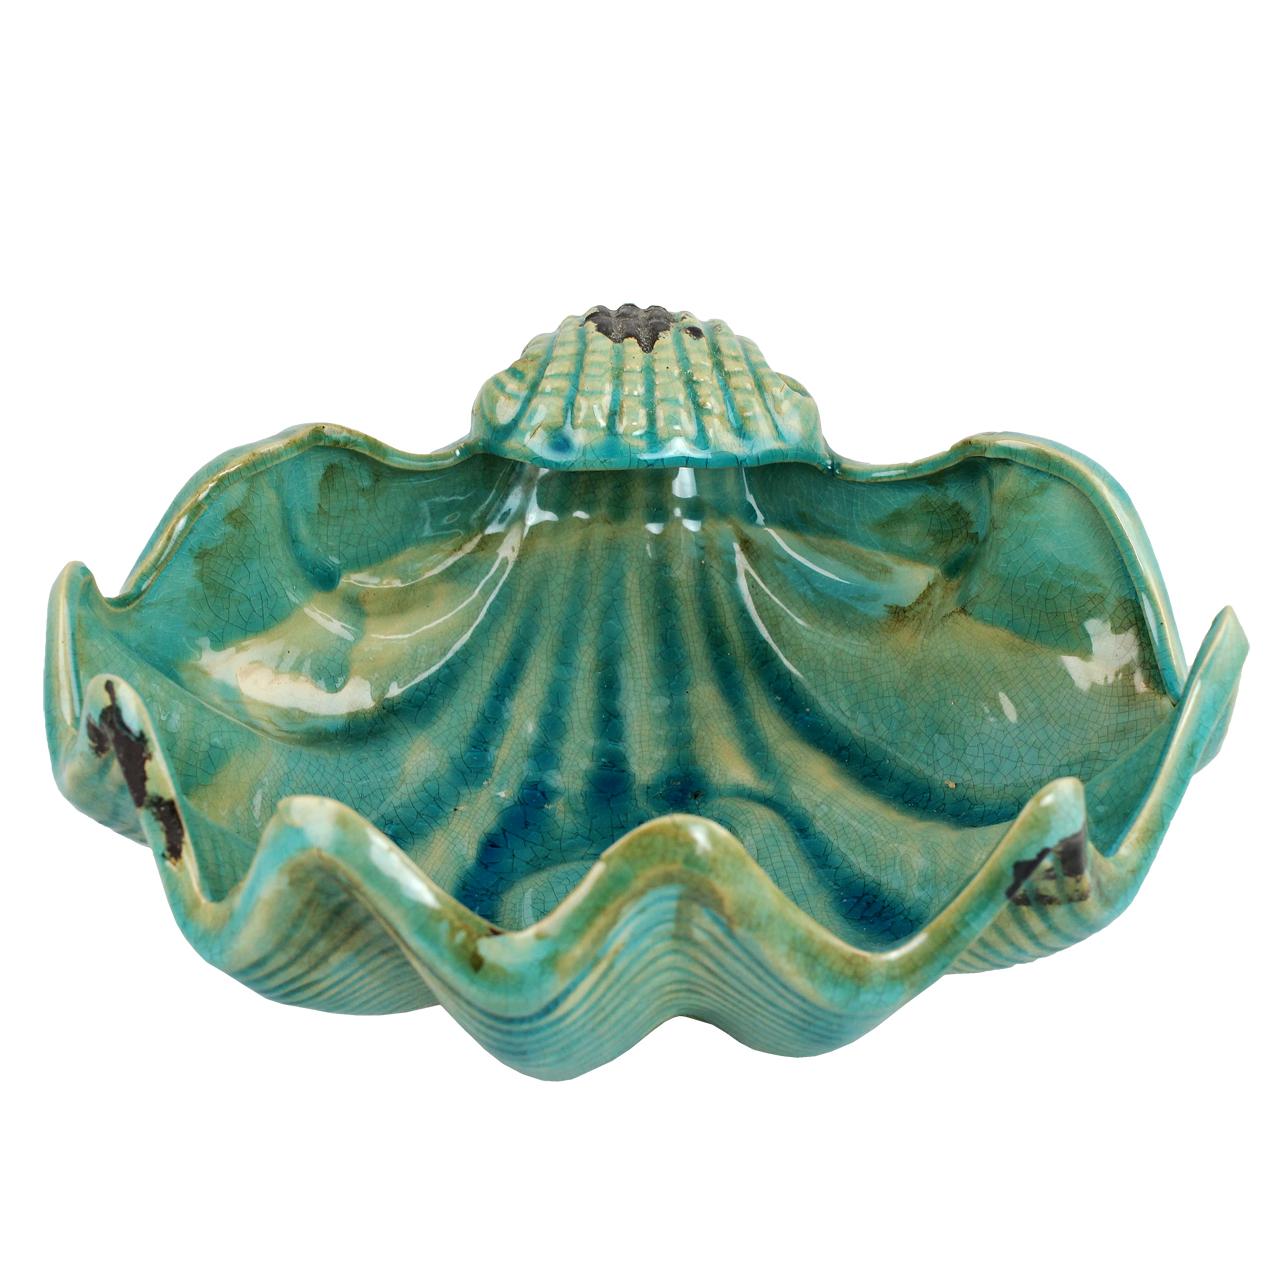 Jardiniera Decorativa Scoica Din Ceramica Turcoaz